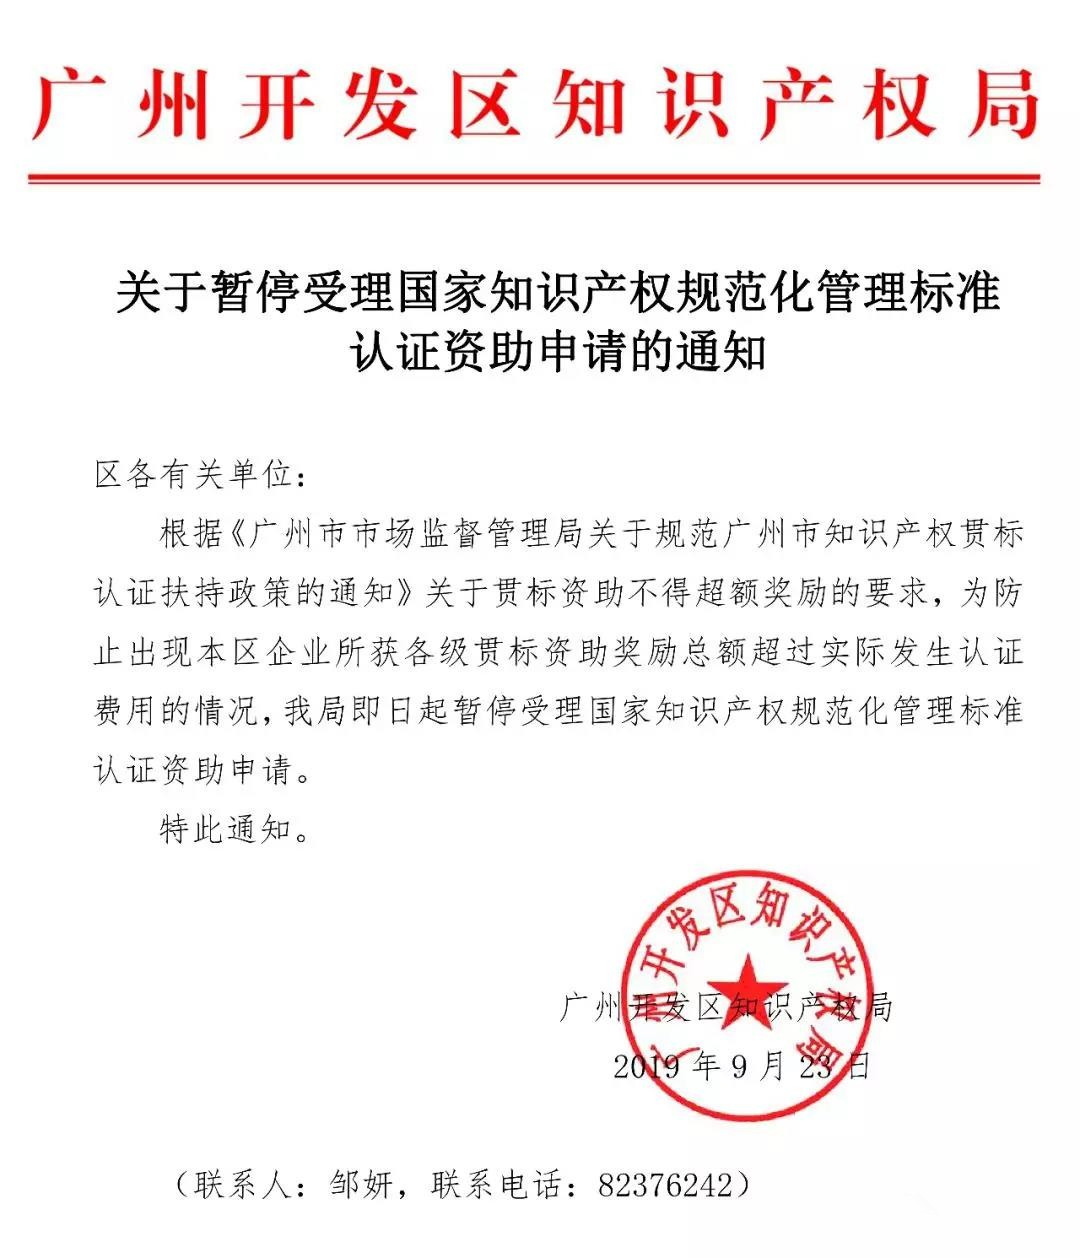 通知!广州开发区、青岛市暂停知识产权贯标补助